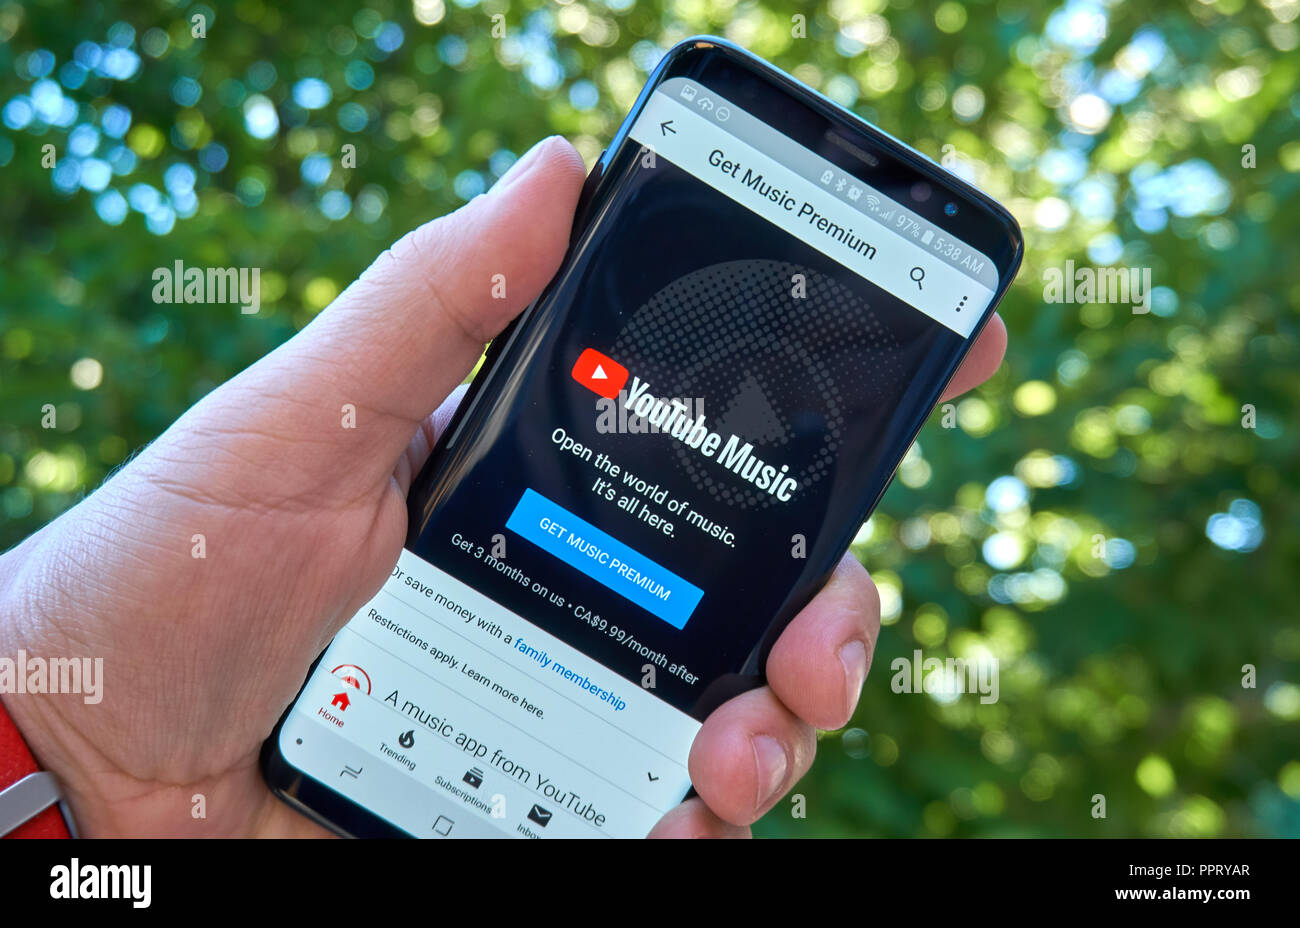 youtube premium canada